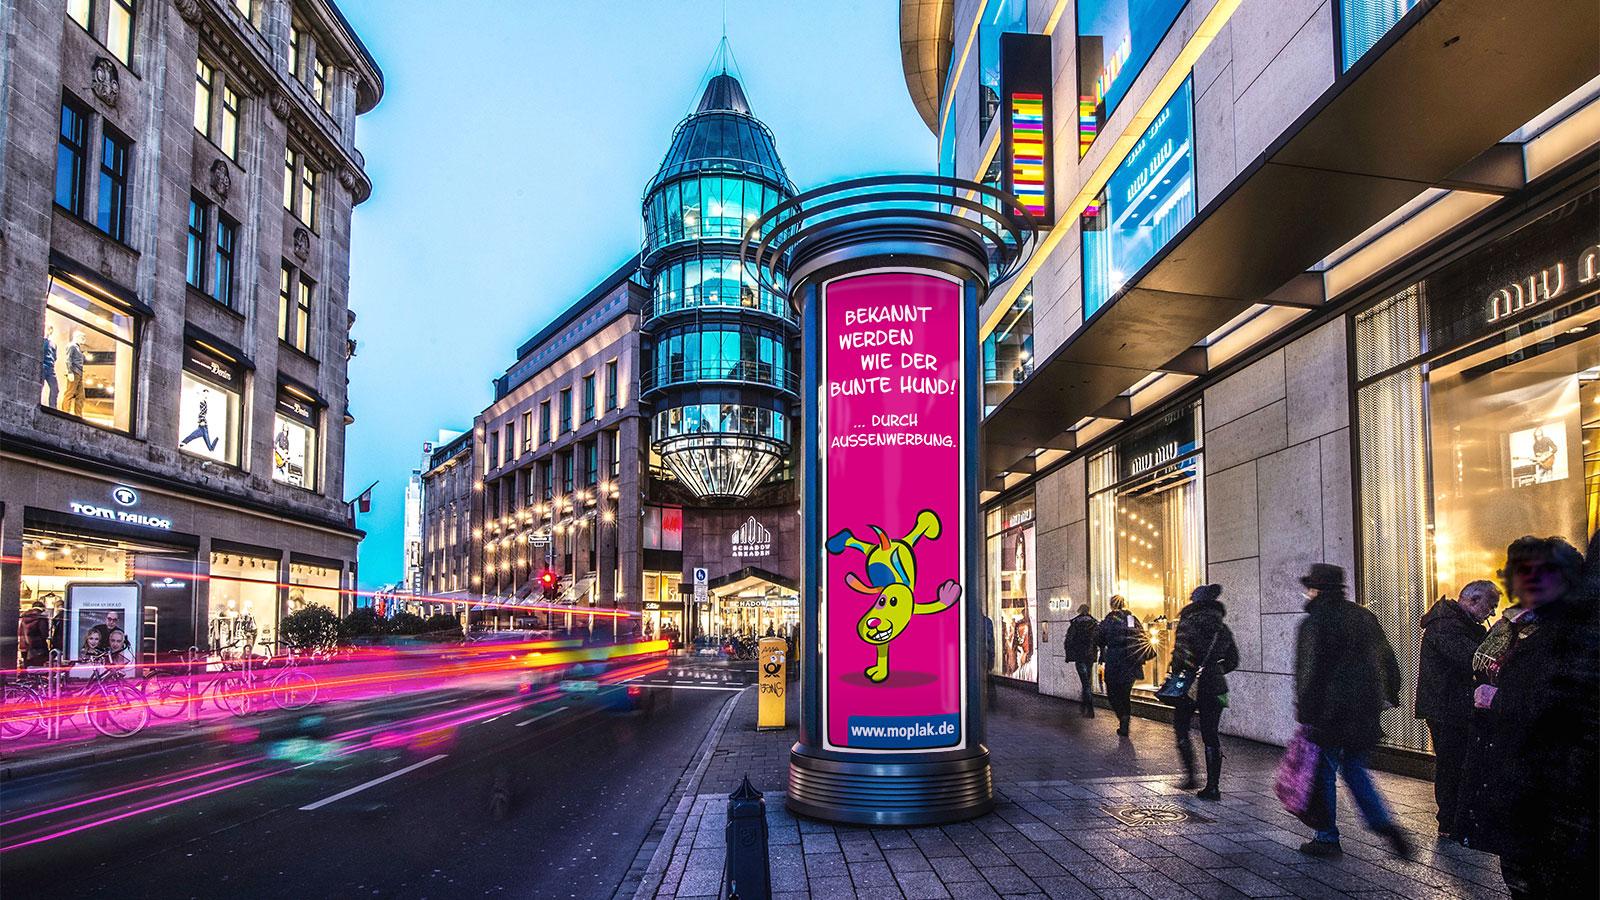 Neuss-Aussenwerbung-Litfasssaeule-Werbung